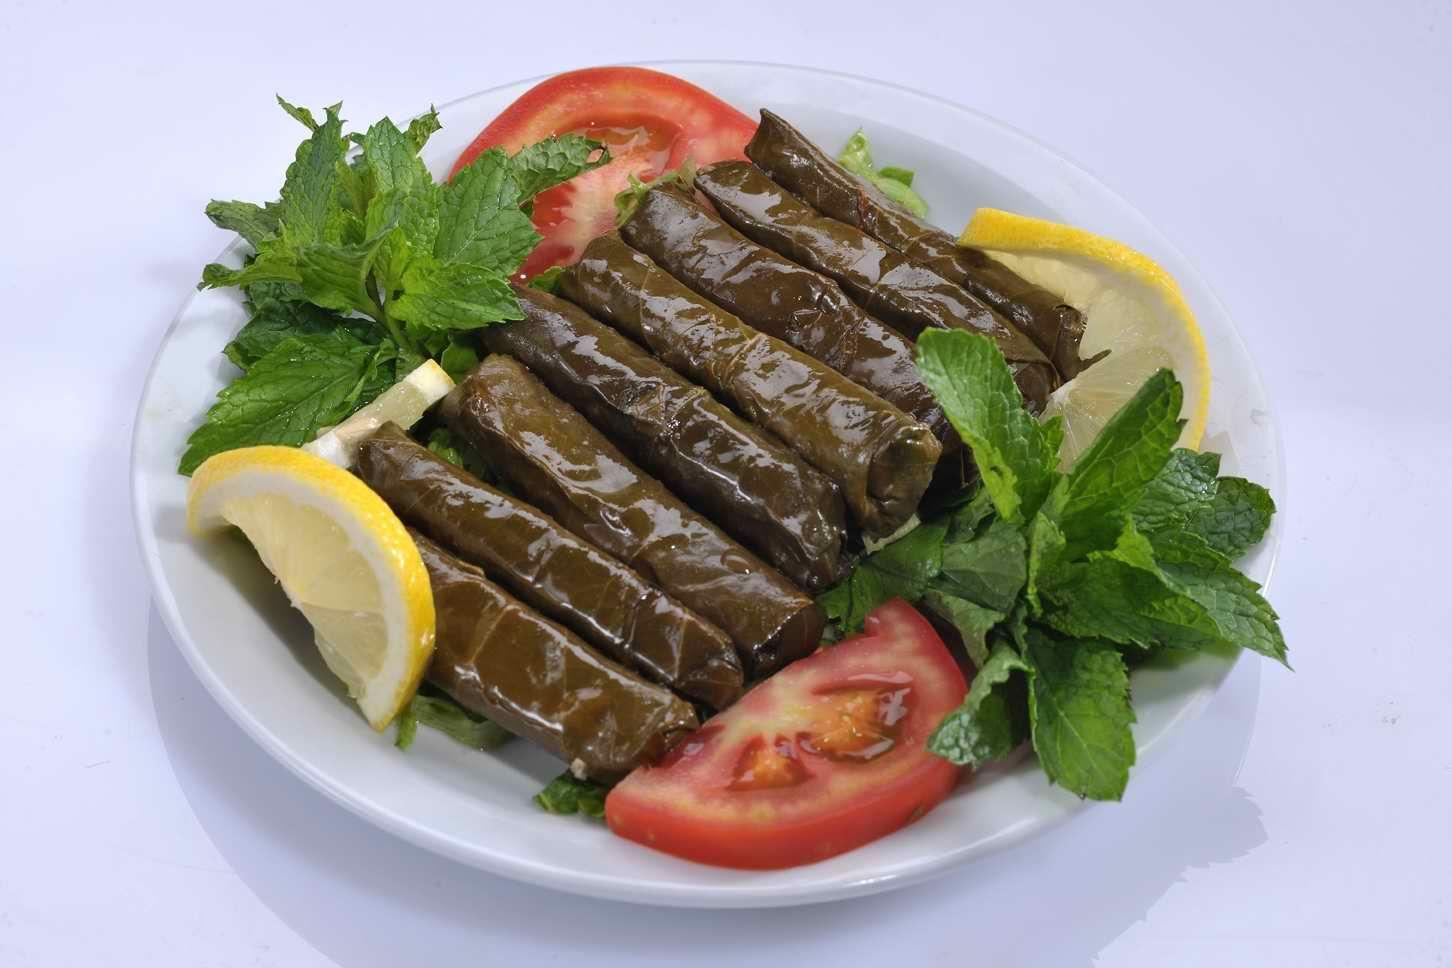 اكلات الطبخ على الطريقة اليونانية ورق عنب مع سلطة إليك Stuffed Grape Leaves Food Food To Make